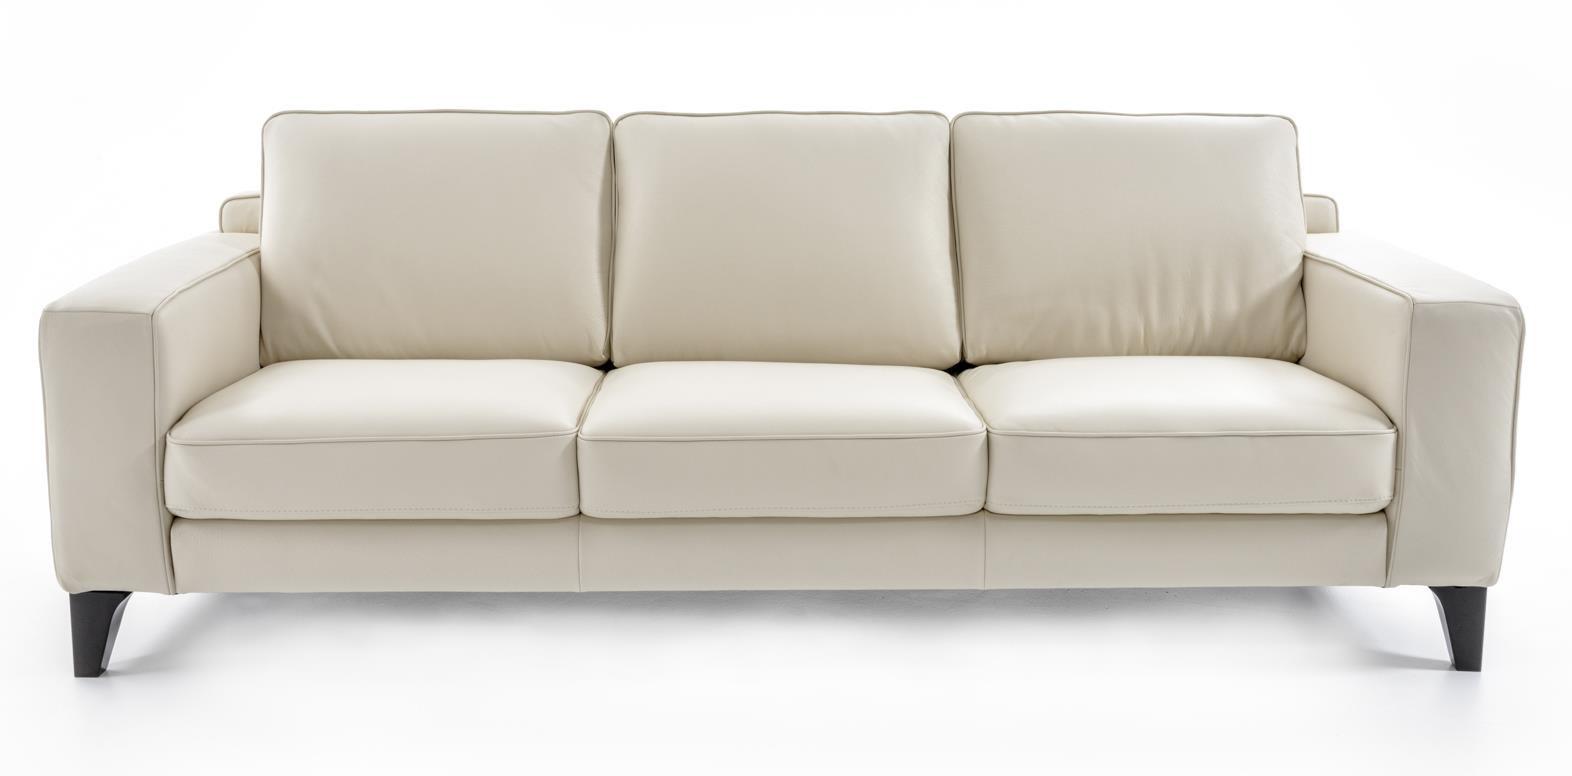 Natuzzi Editions B968 Three Seat Sofa - Item Number: B968-064 15CIsp-18